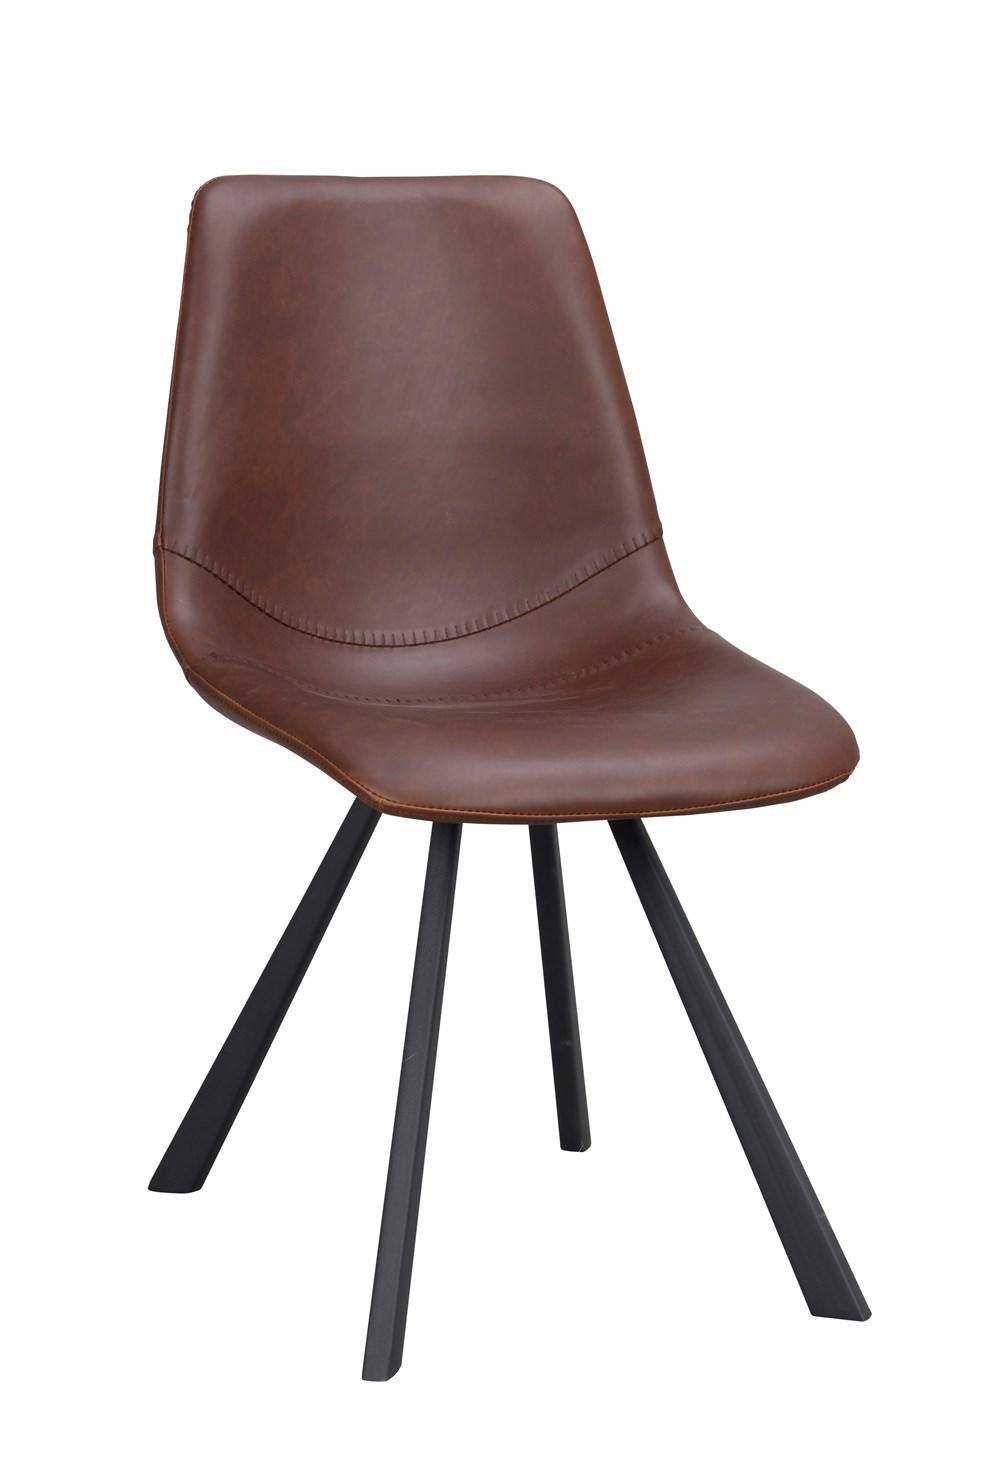 Auburn tuoli ruskea PU/musta metalli, Rowico